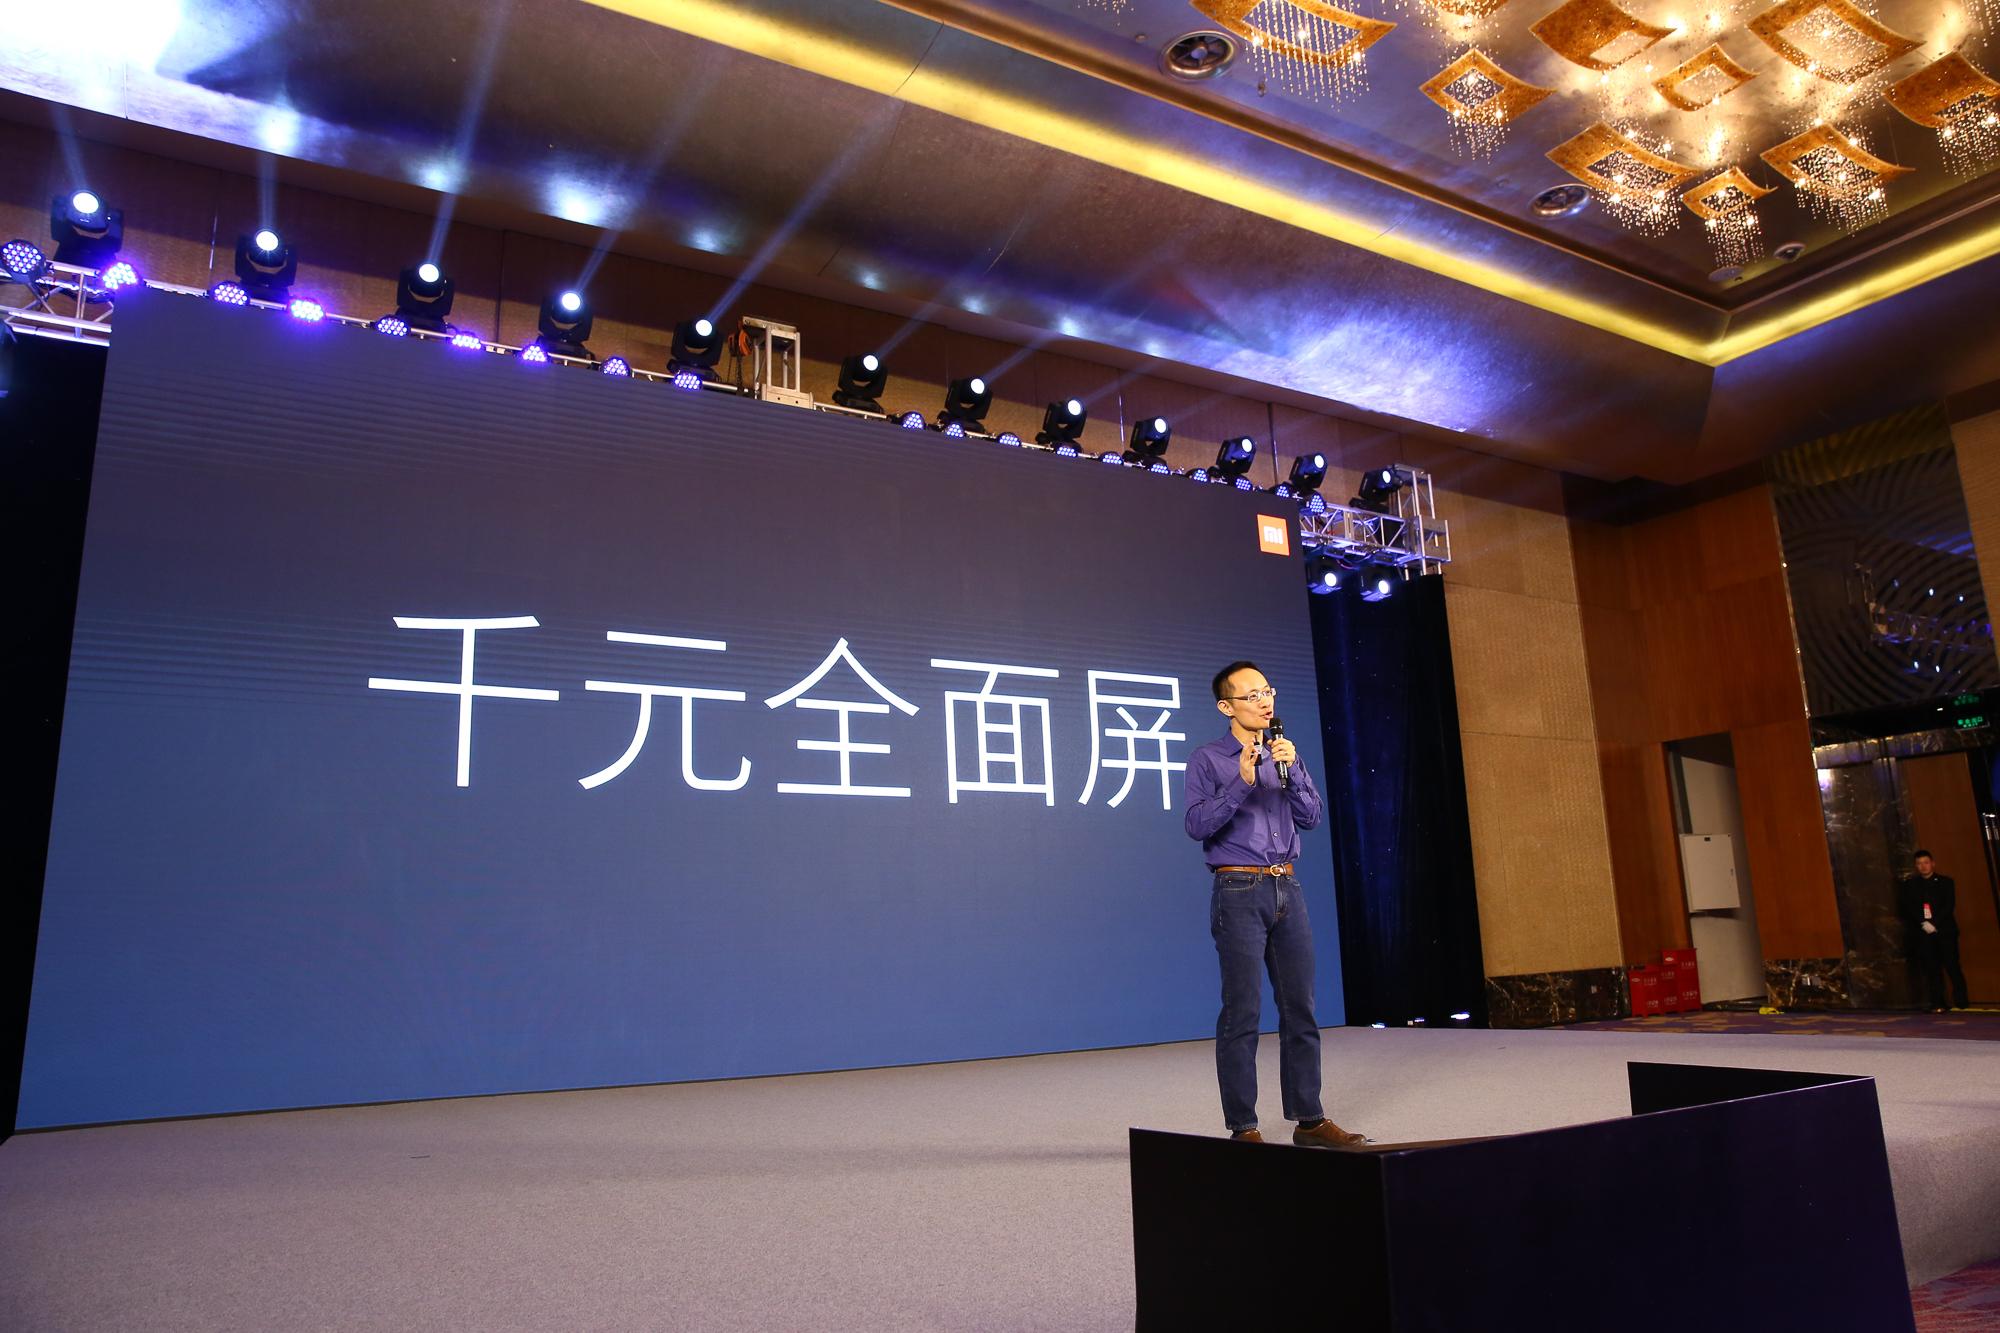 红米手机用户量近2亿 林斌称小米与红米定位不同品质相同的照片 - 1